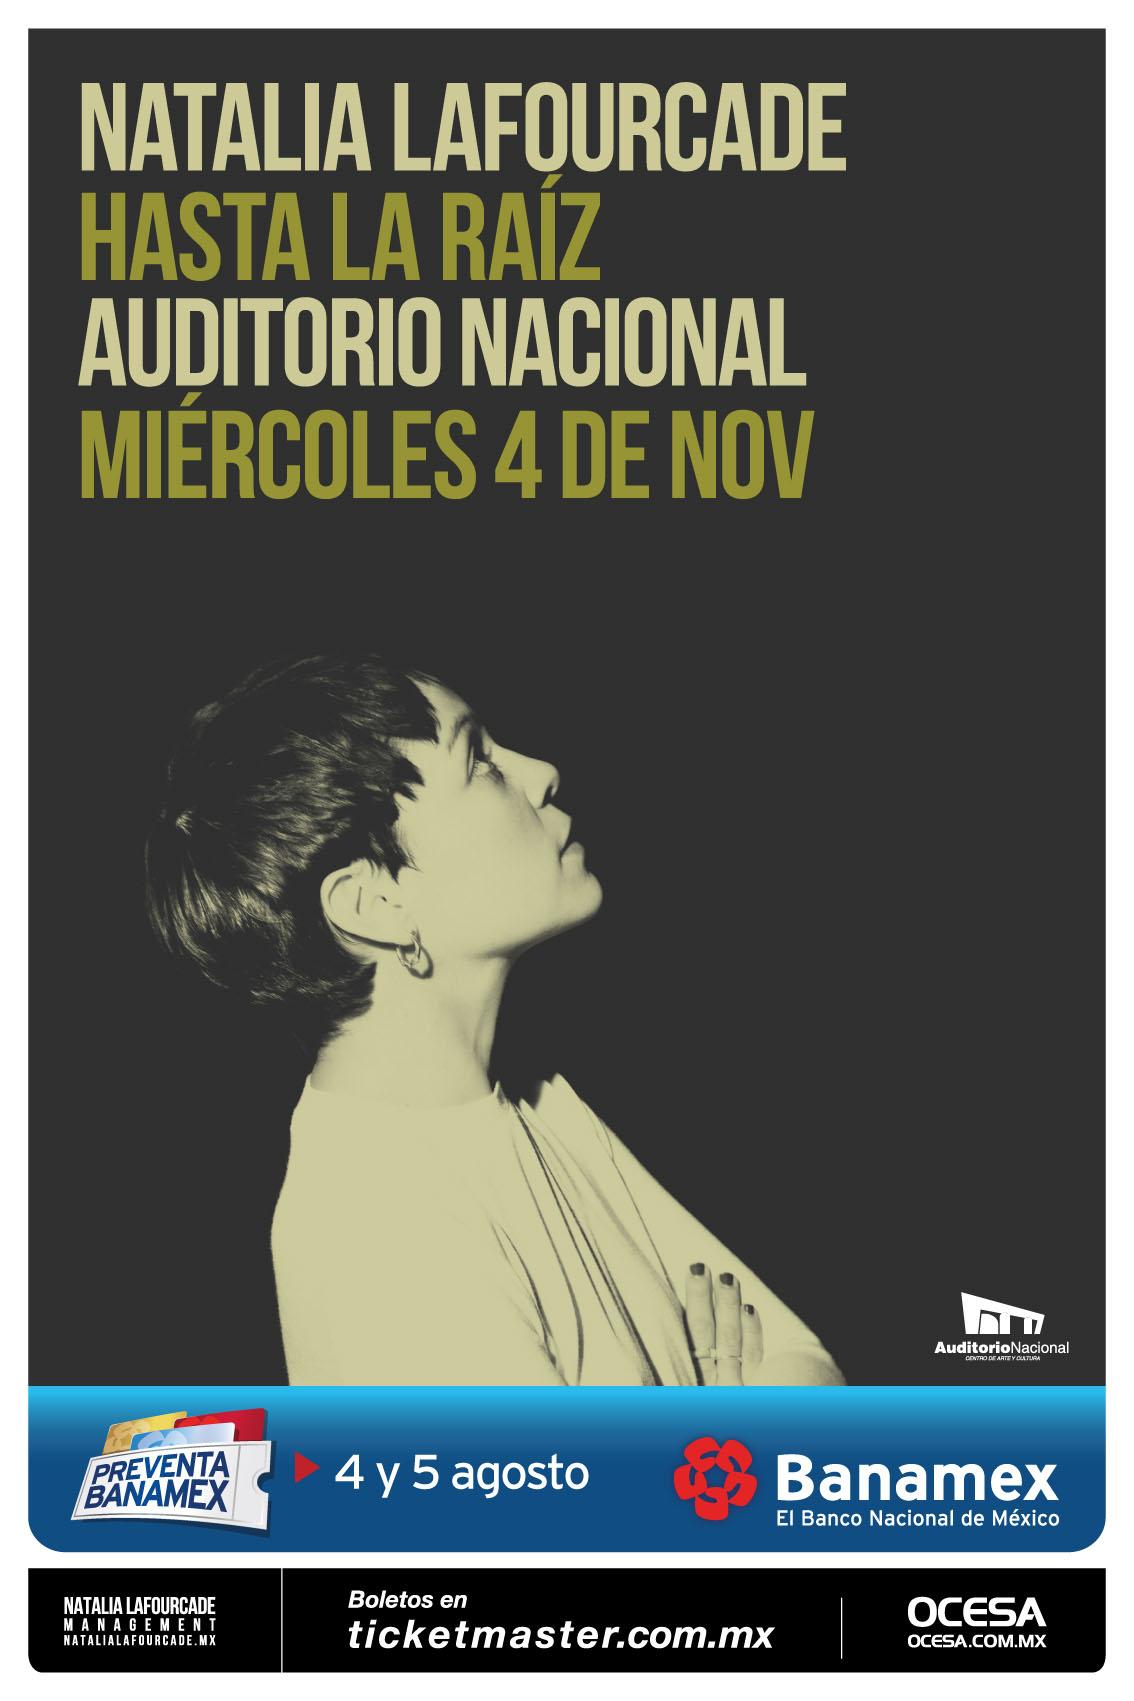 Natalia Lafourcade anuncia primer concierto en el Auditorio Nacional